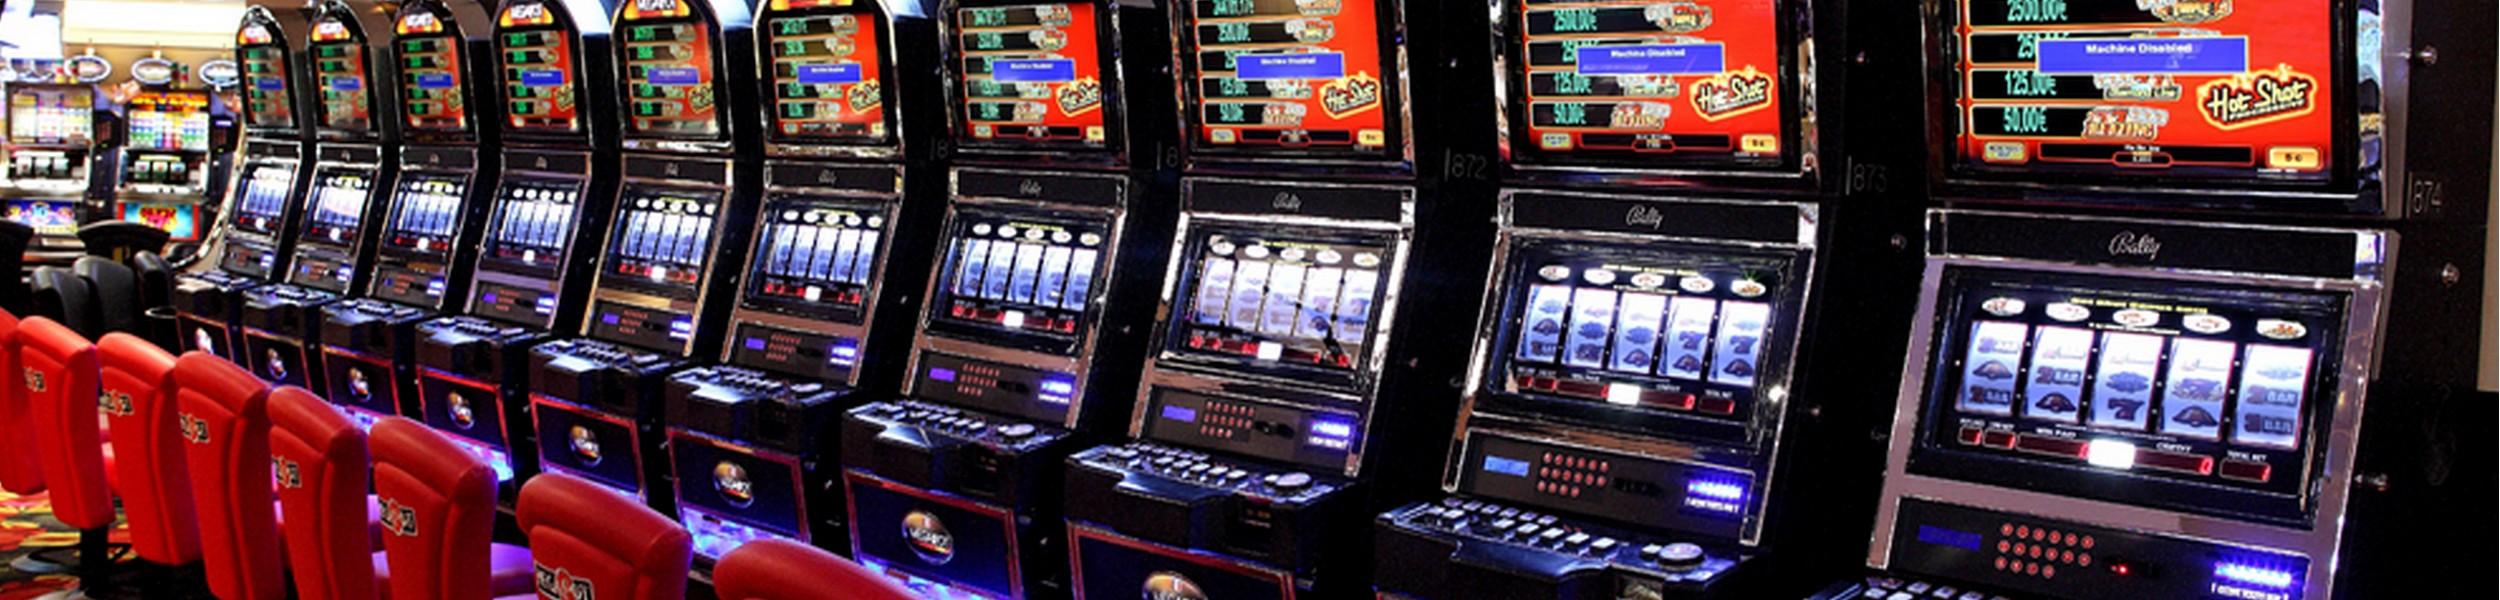 Casinos partouche en france the sandbar at red rock casino resort /u0026 spa tickets